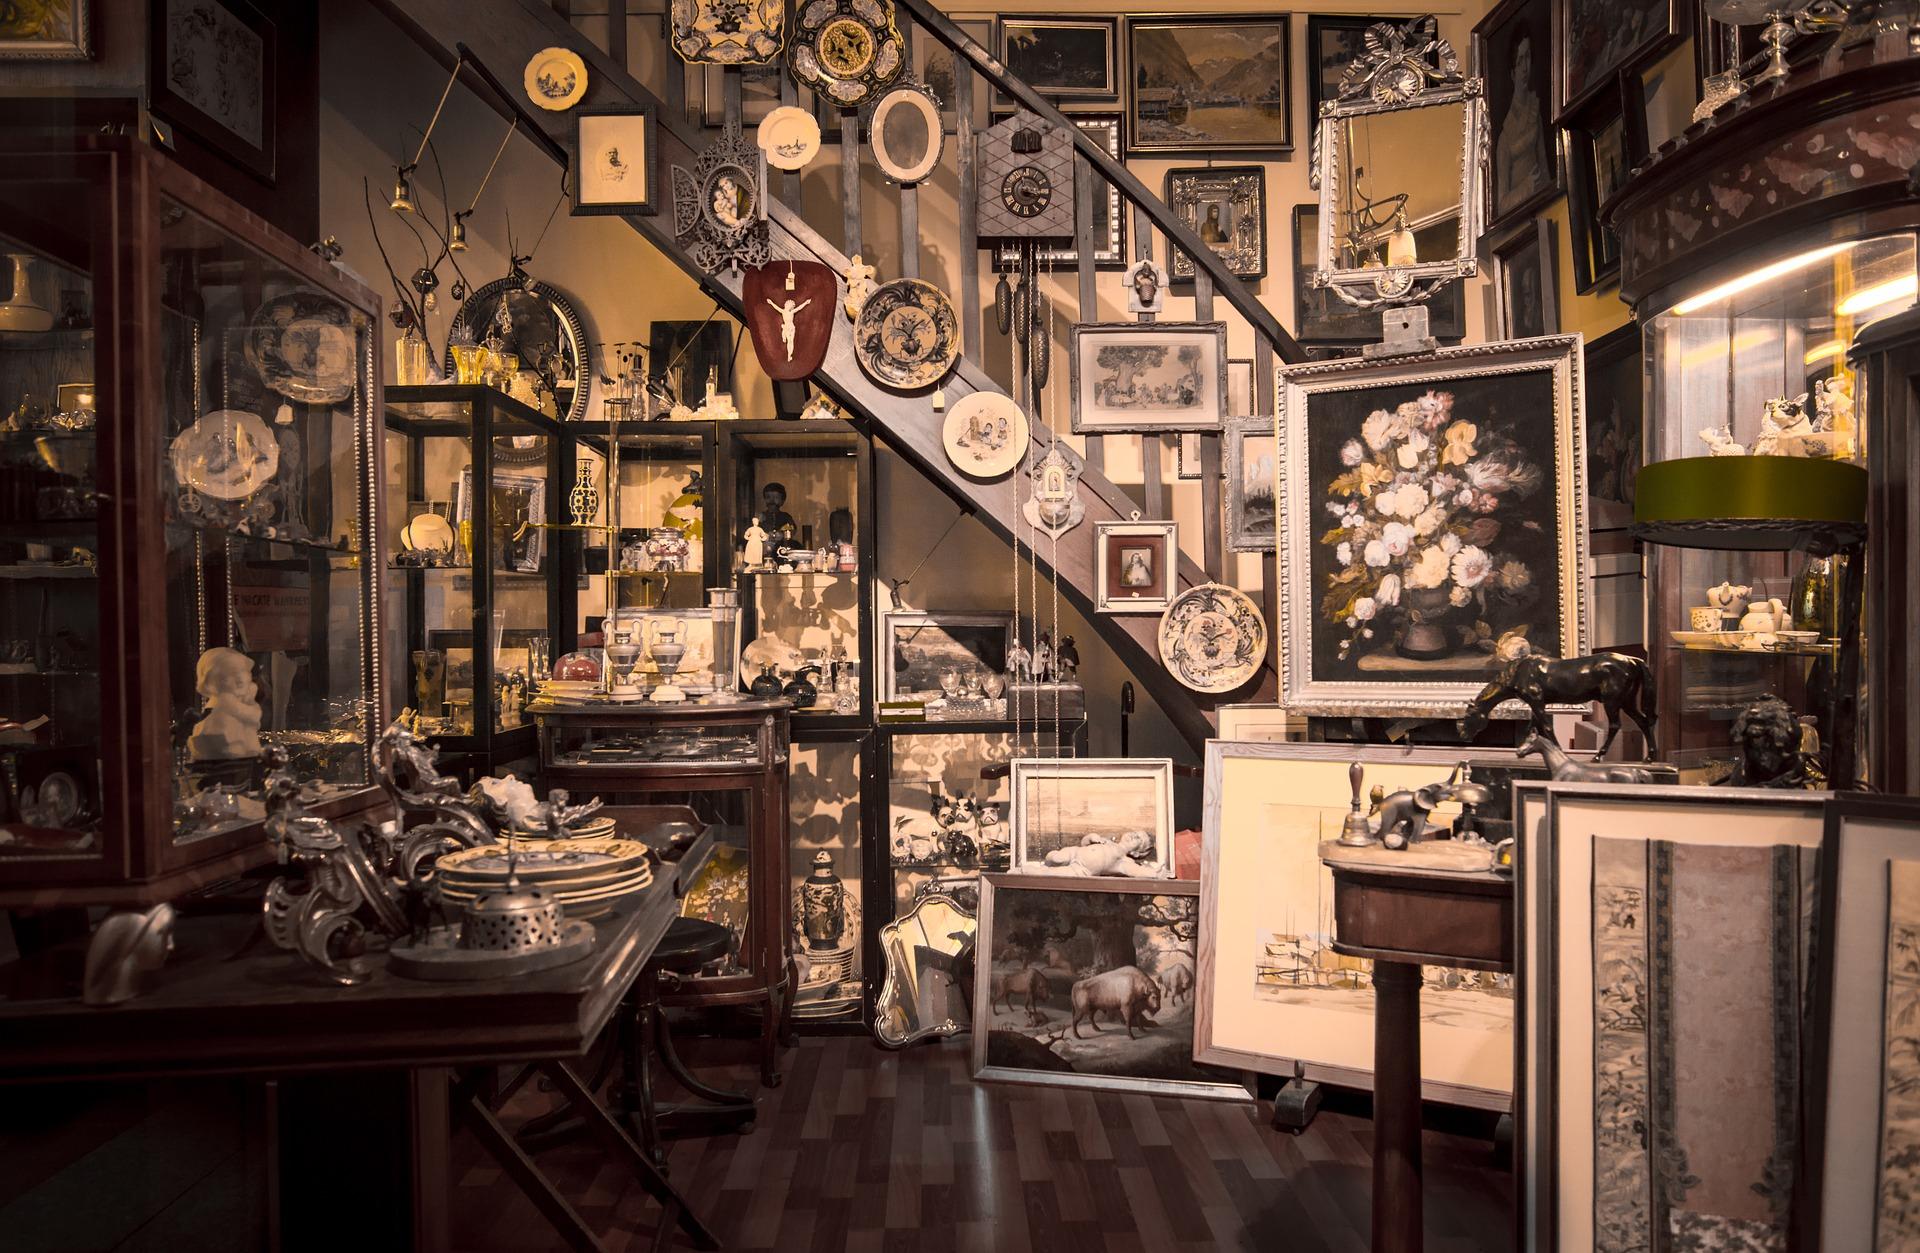 antique-1863905_1920.jpg